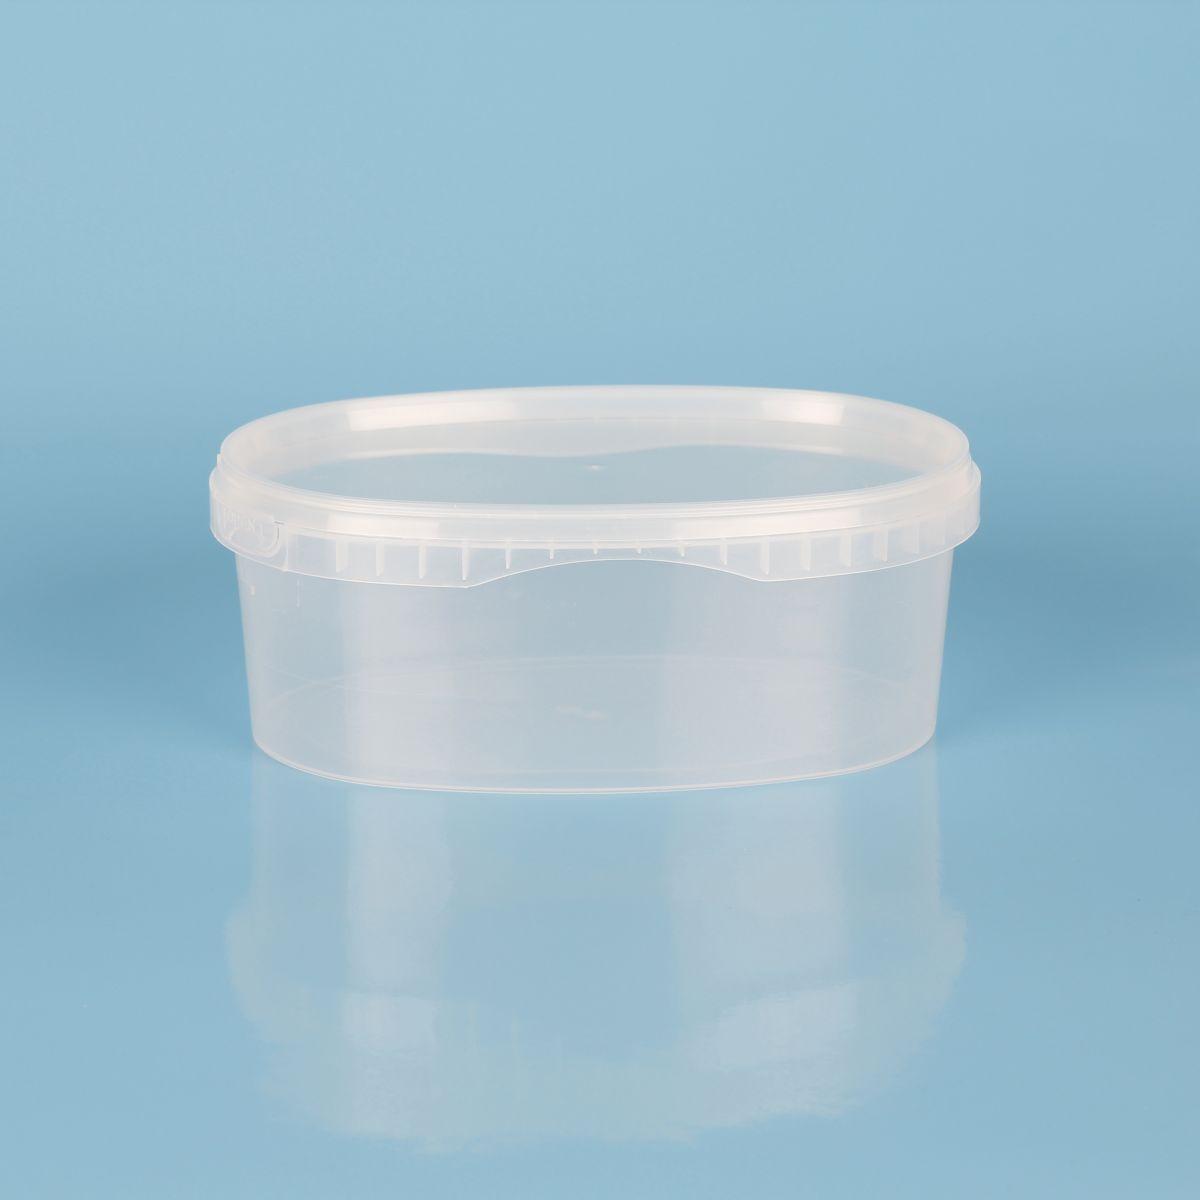 vaschetta in plastica per alimenti con coperchio